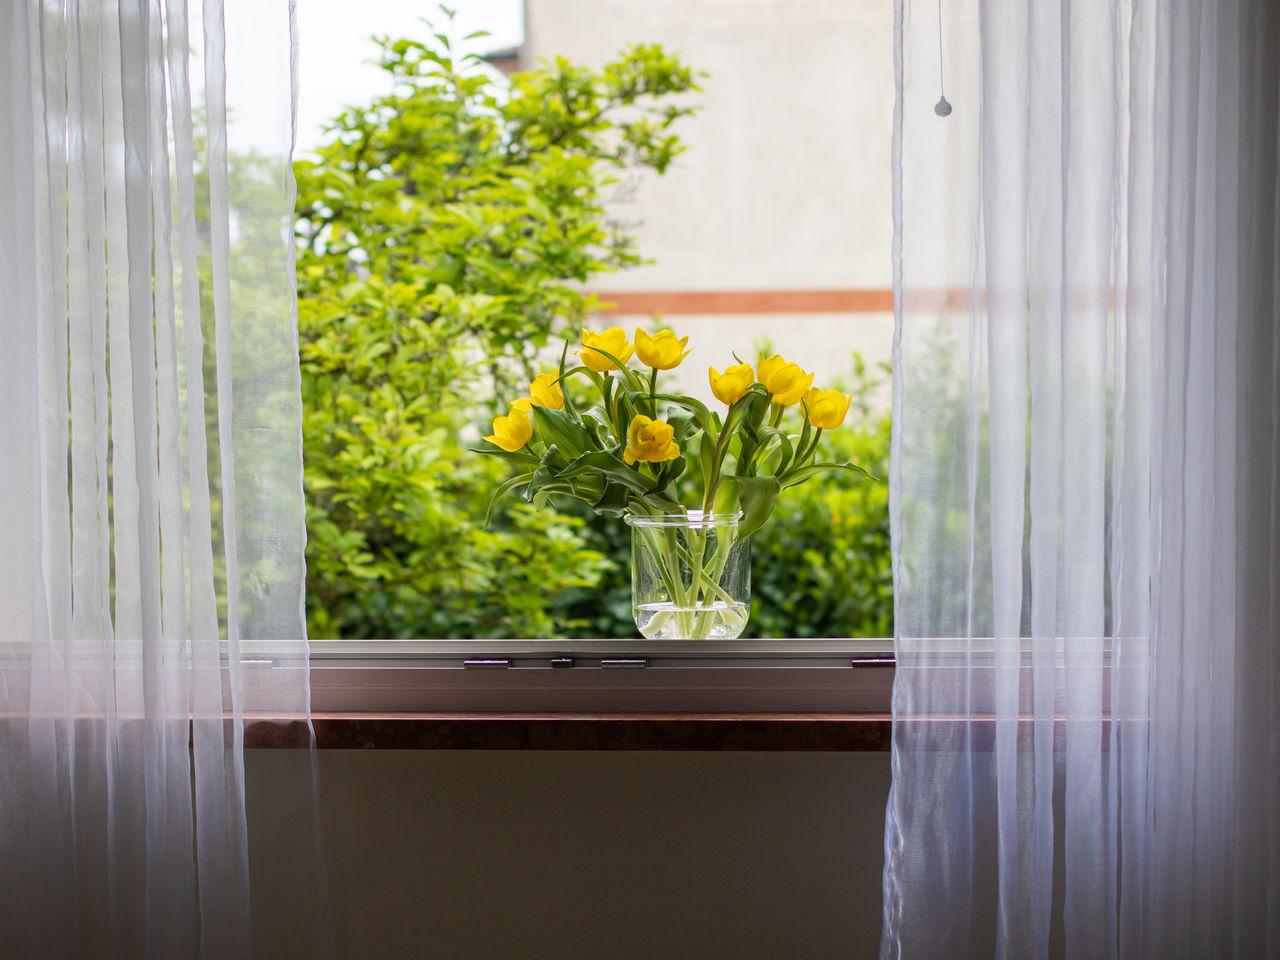 FLOWER POT ON WINDOW SILL